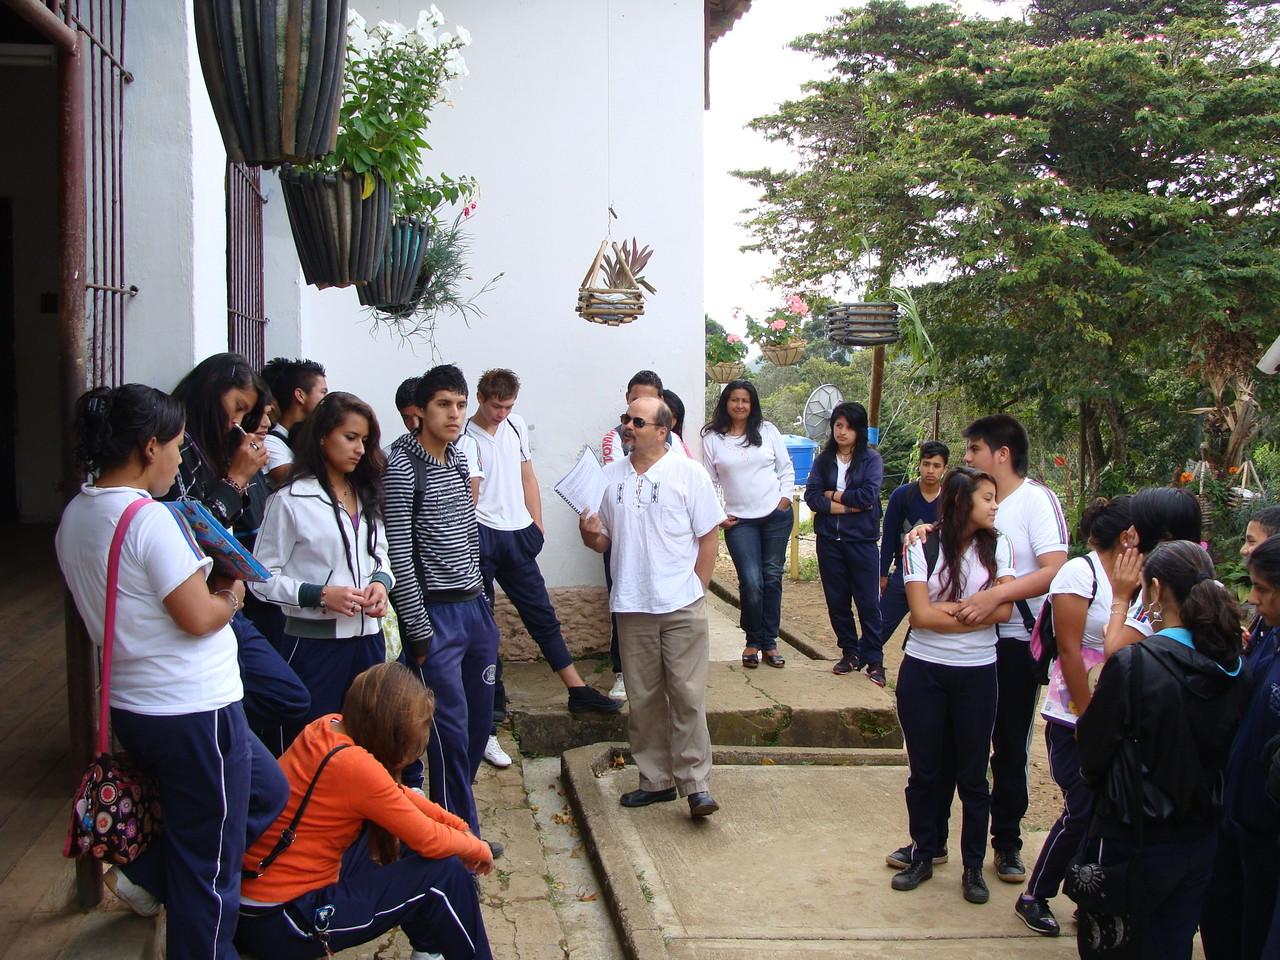 Compartiendo conocimiento con los jovenes